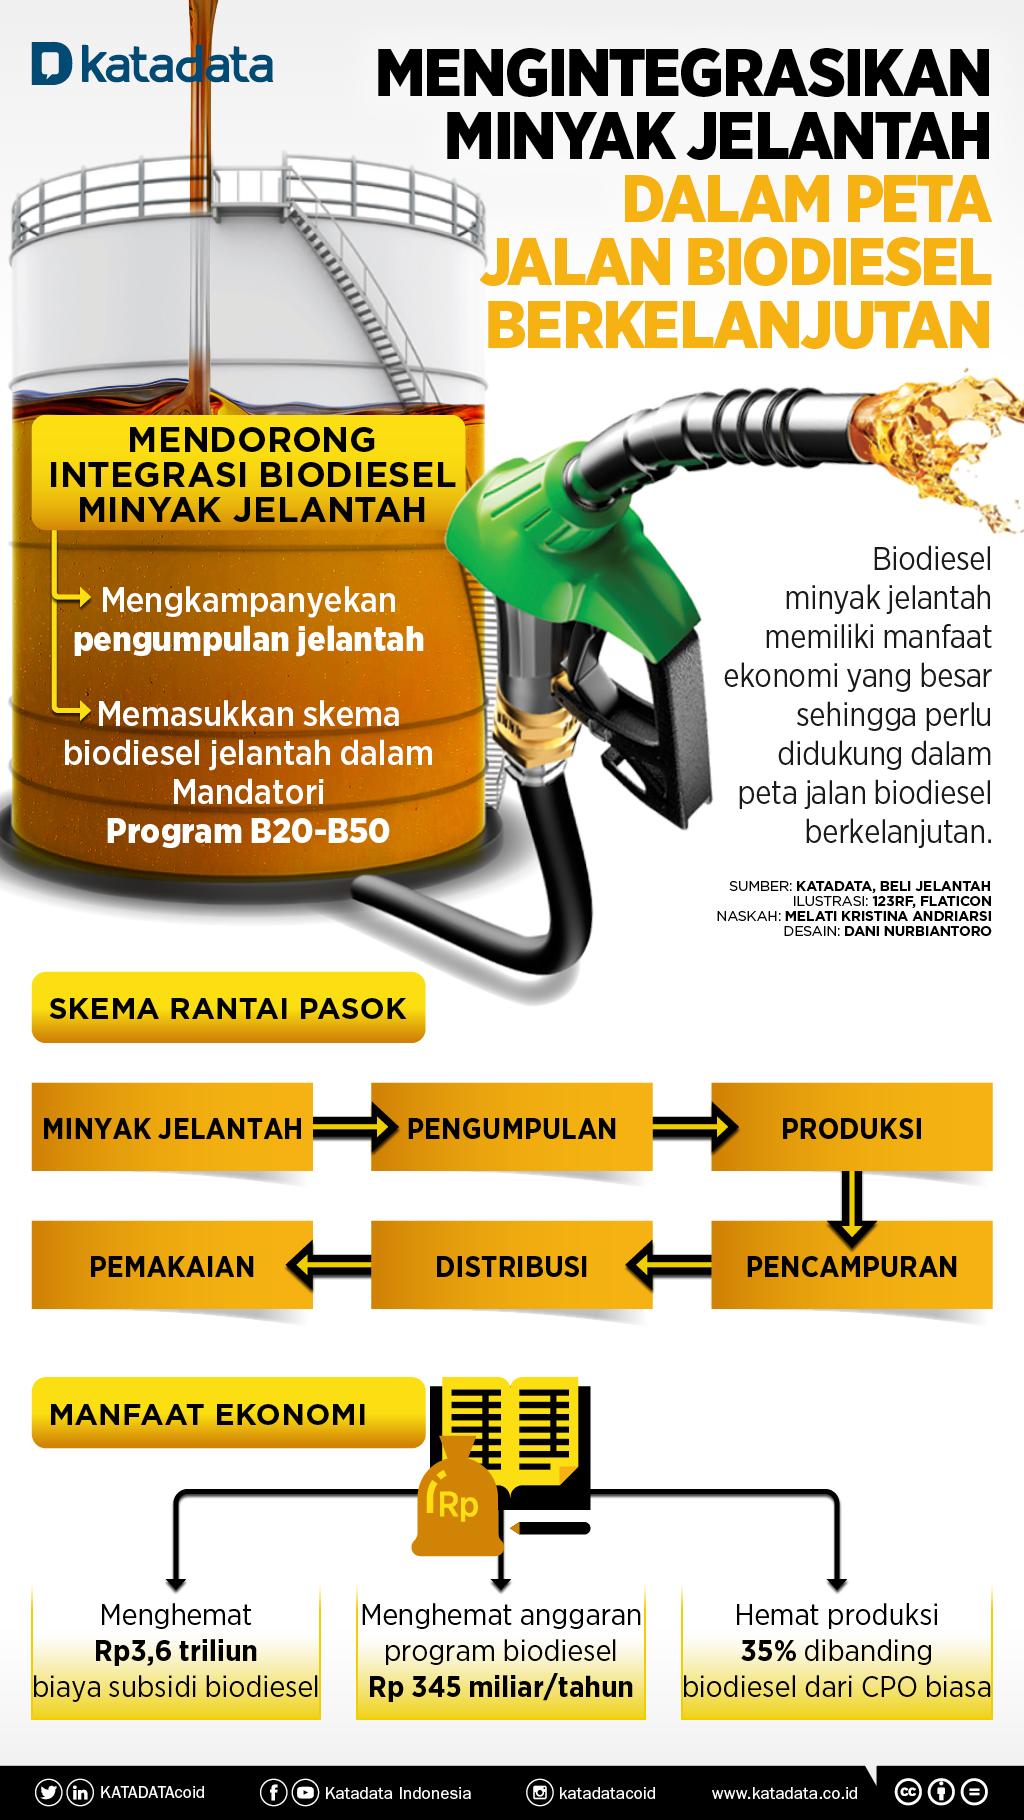 Mengintegrasikan Minyak Jelantah dalam Peta Jalan Biodiesel Berkelanjutan